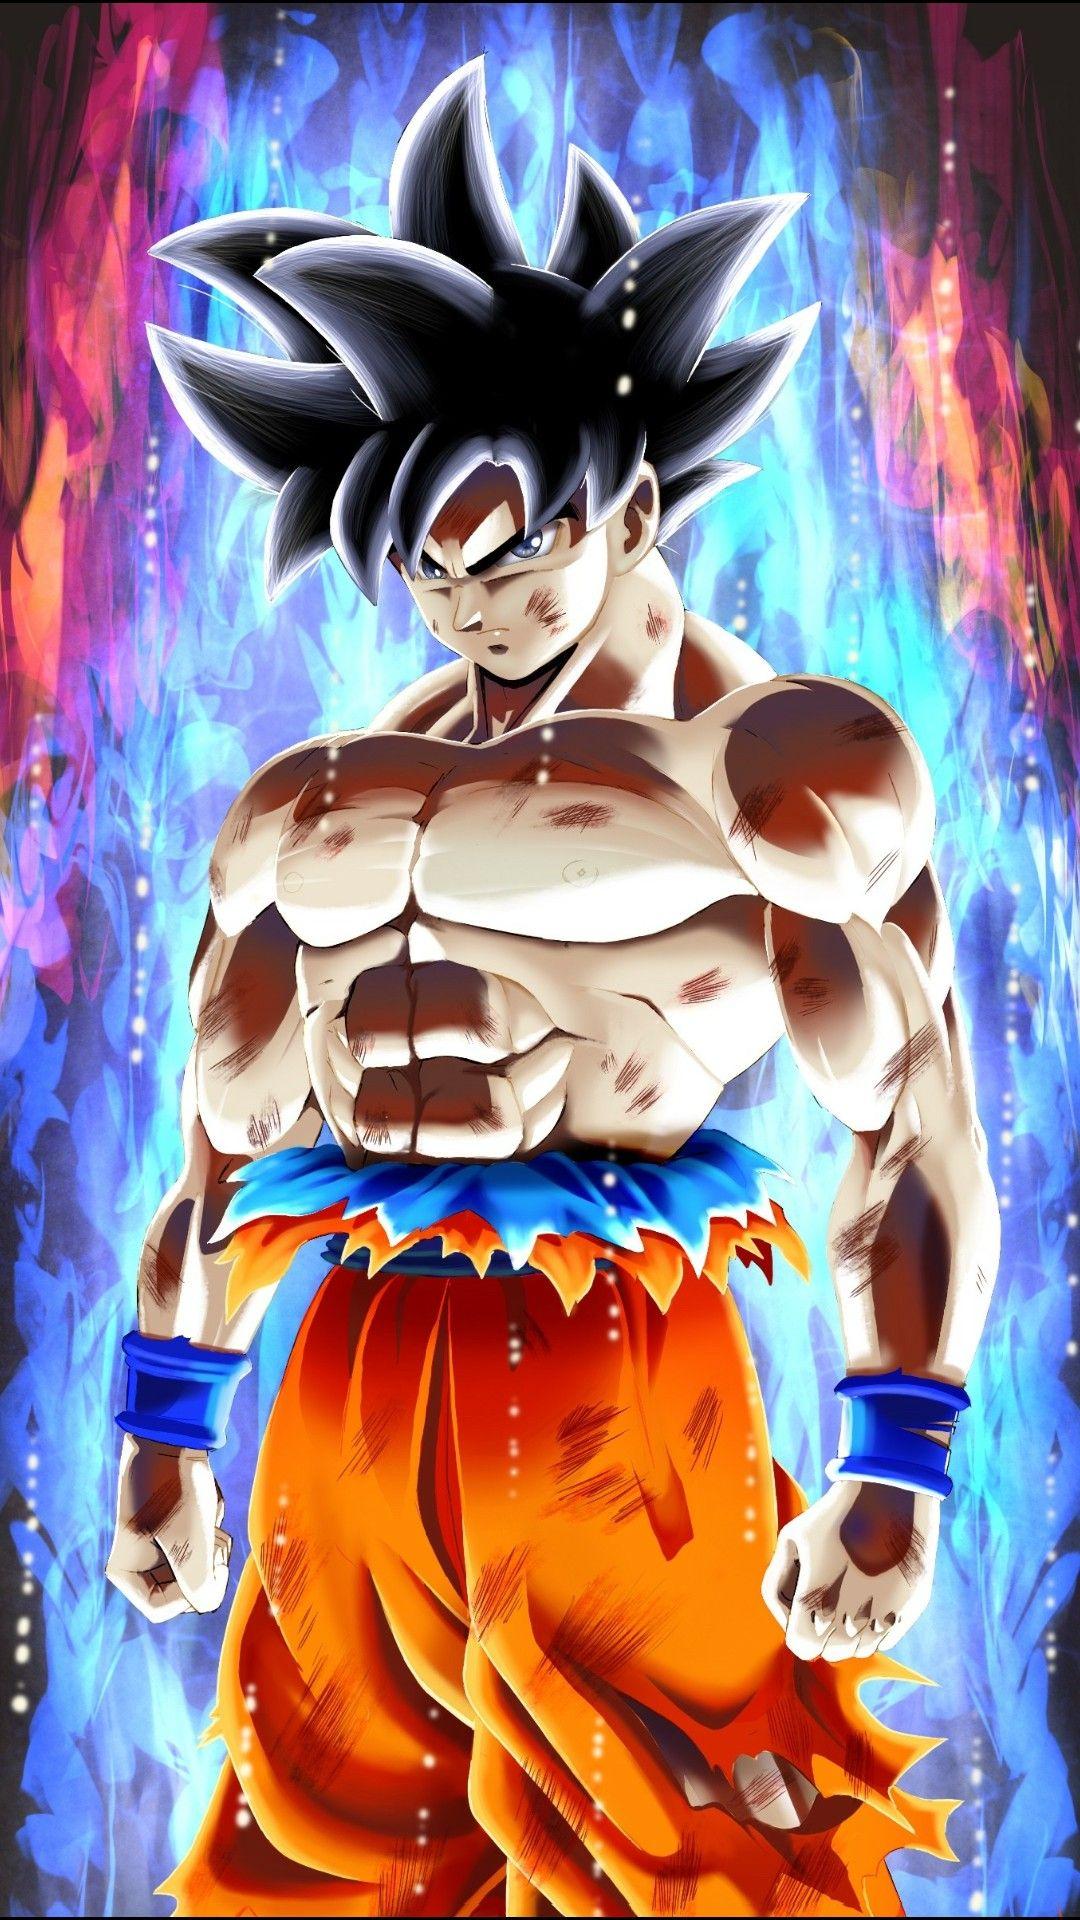 Goku Full Power Dragon Ball Wallpapers Goku Wallpaper Dragon Ball Super Manga